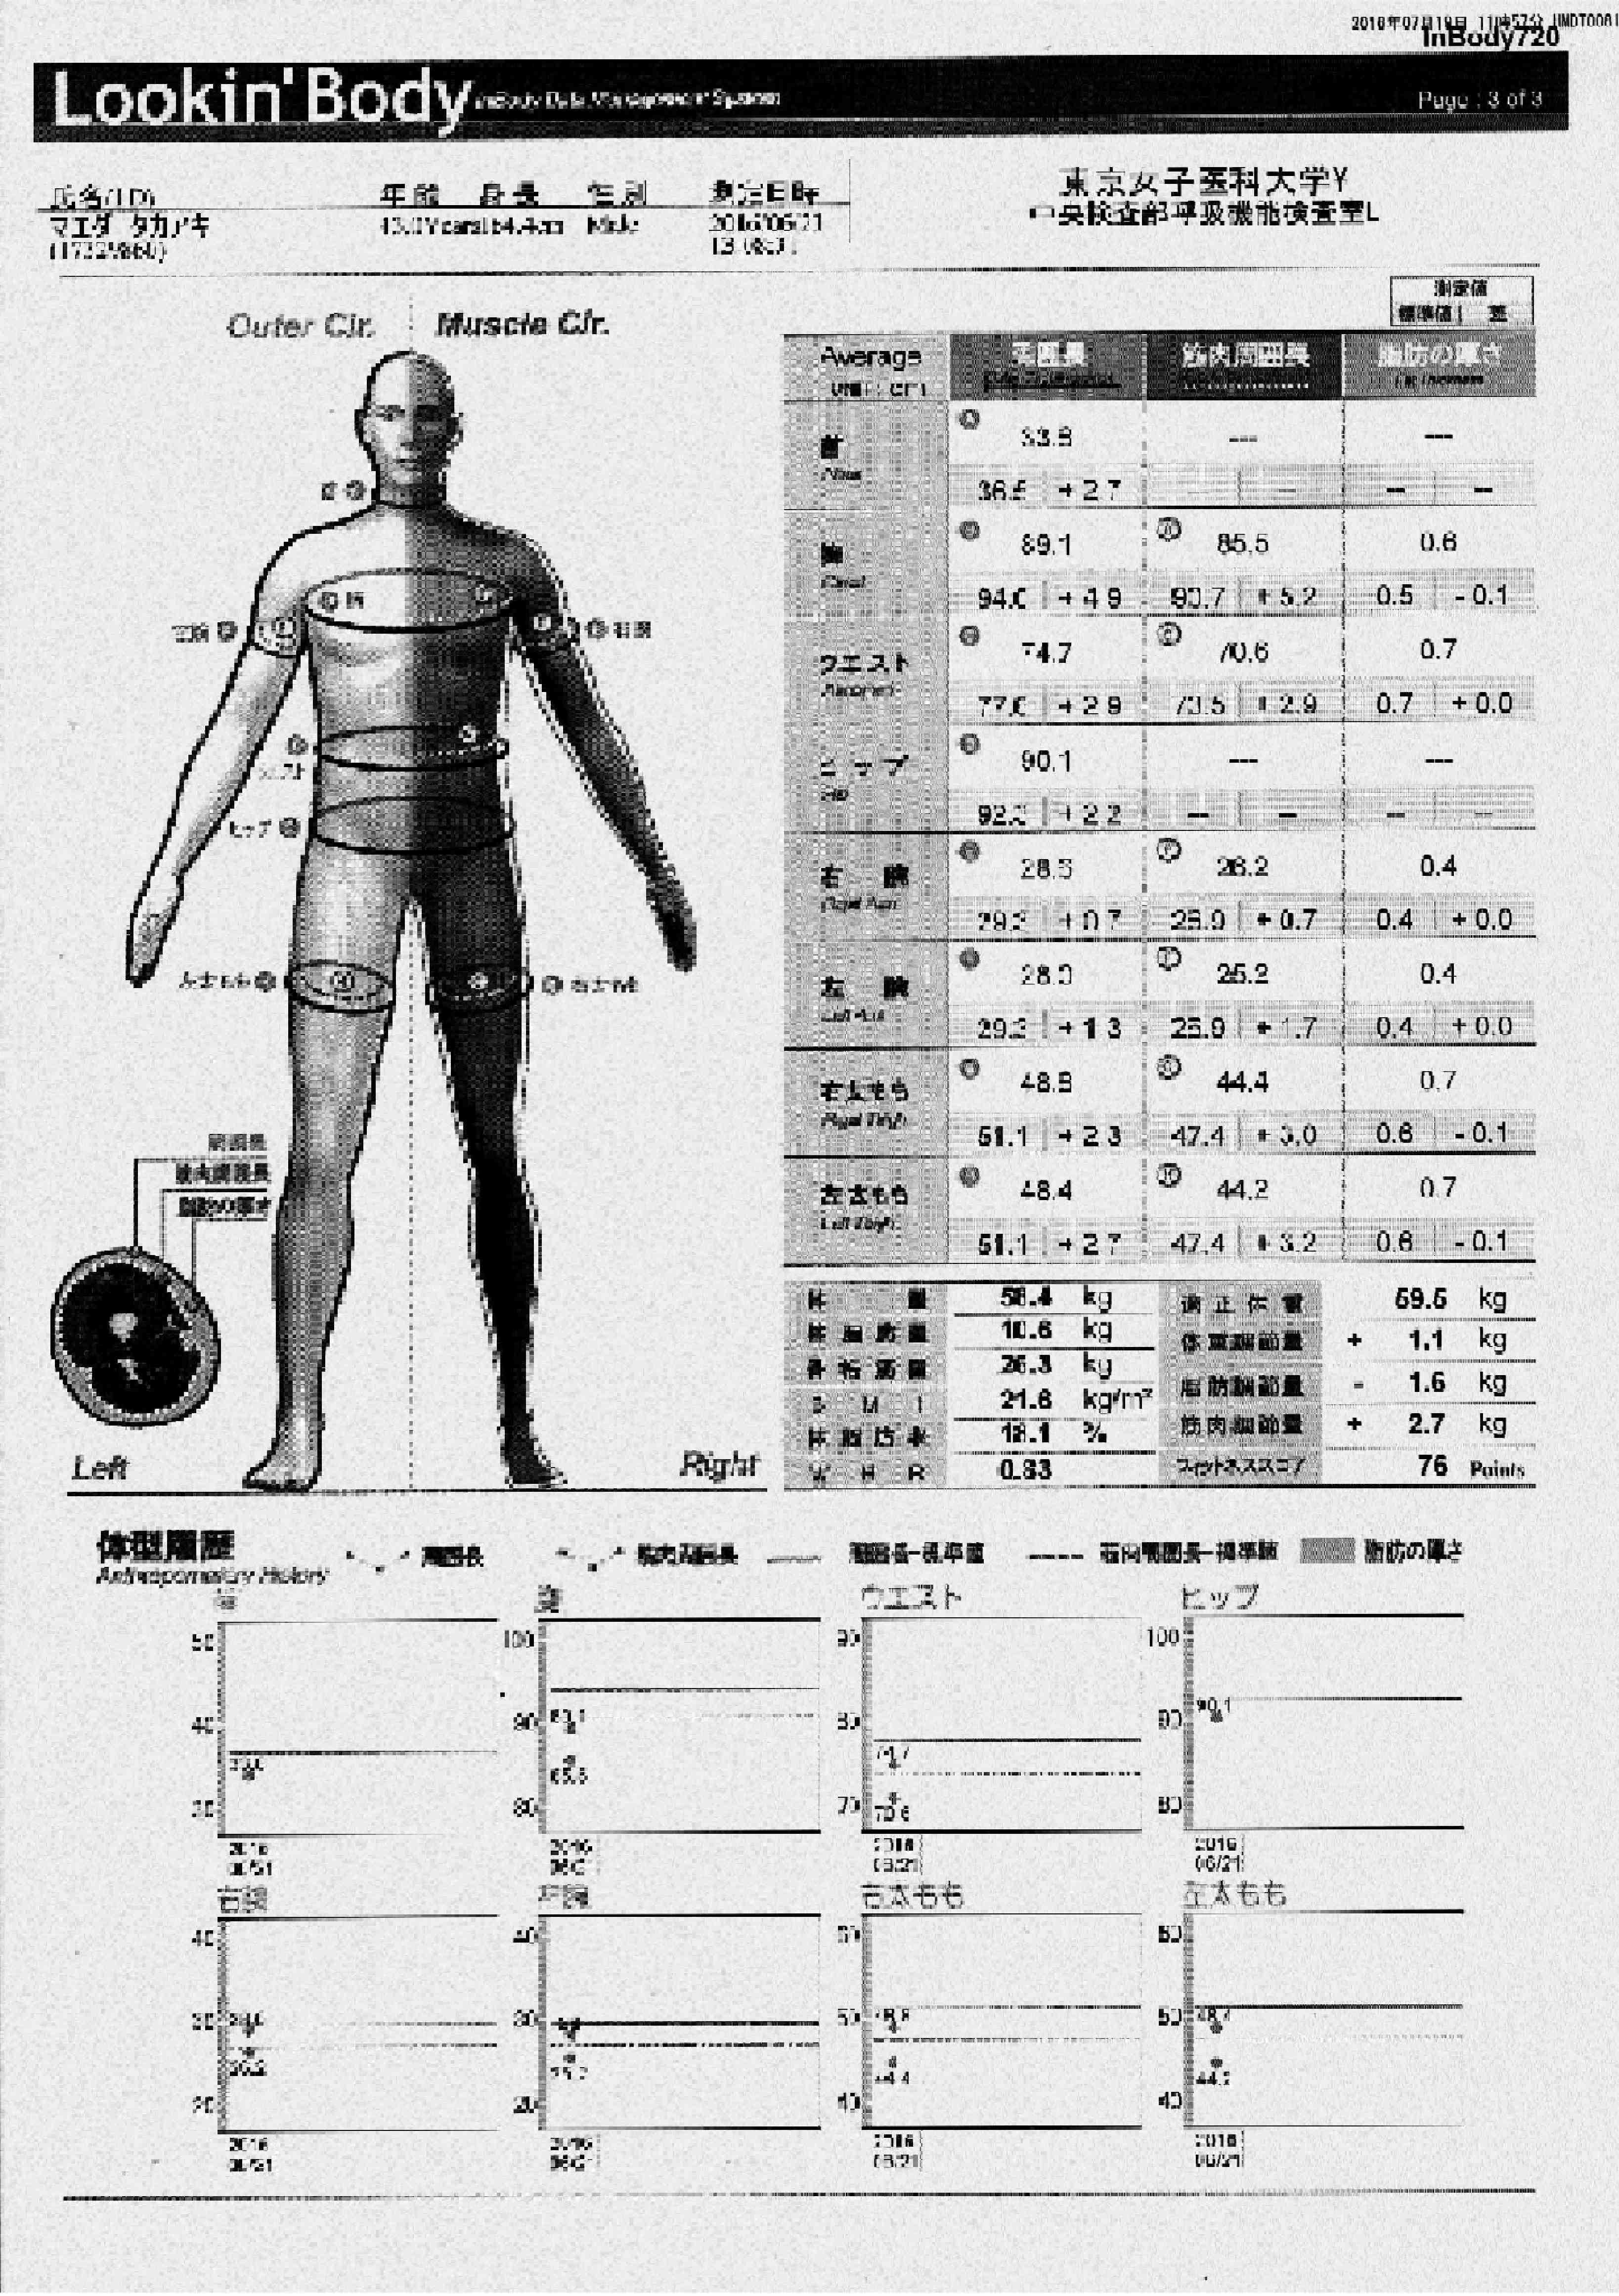 身体計測結果